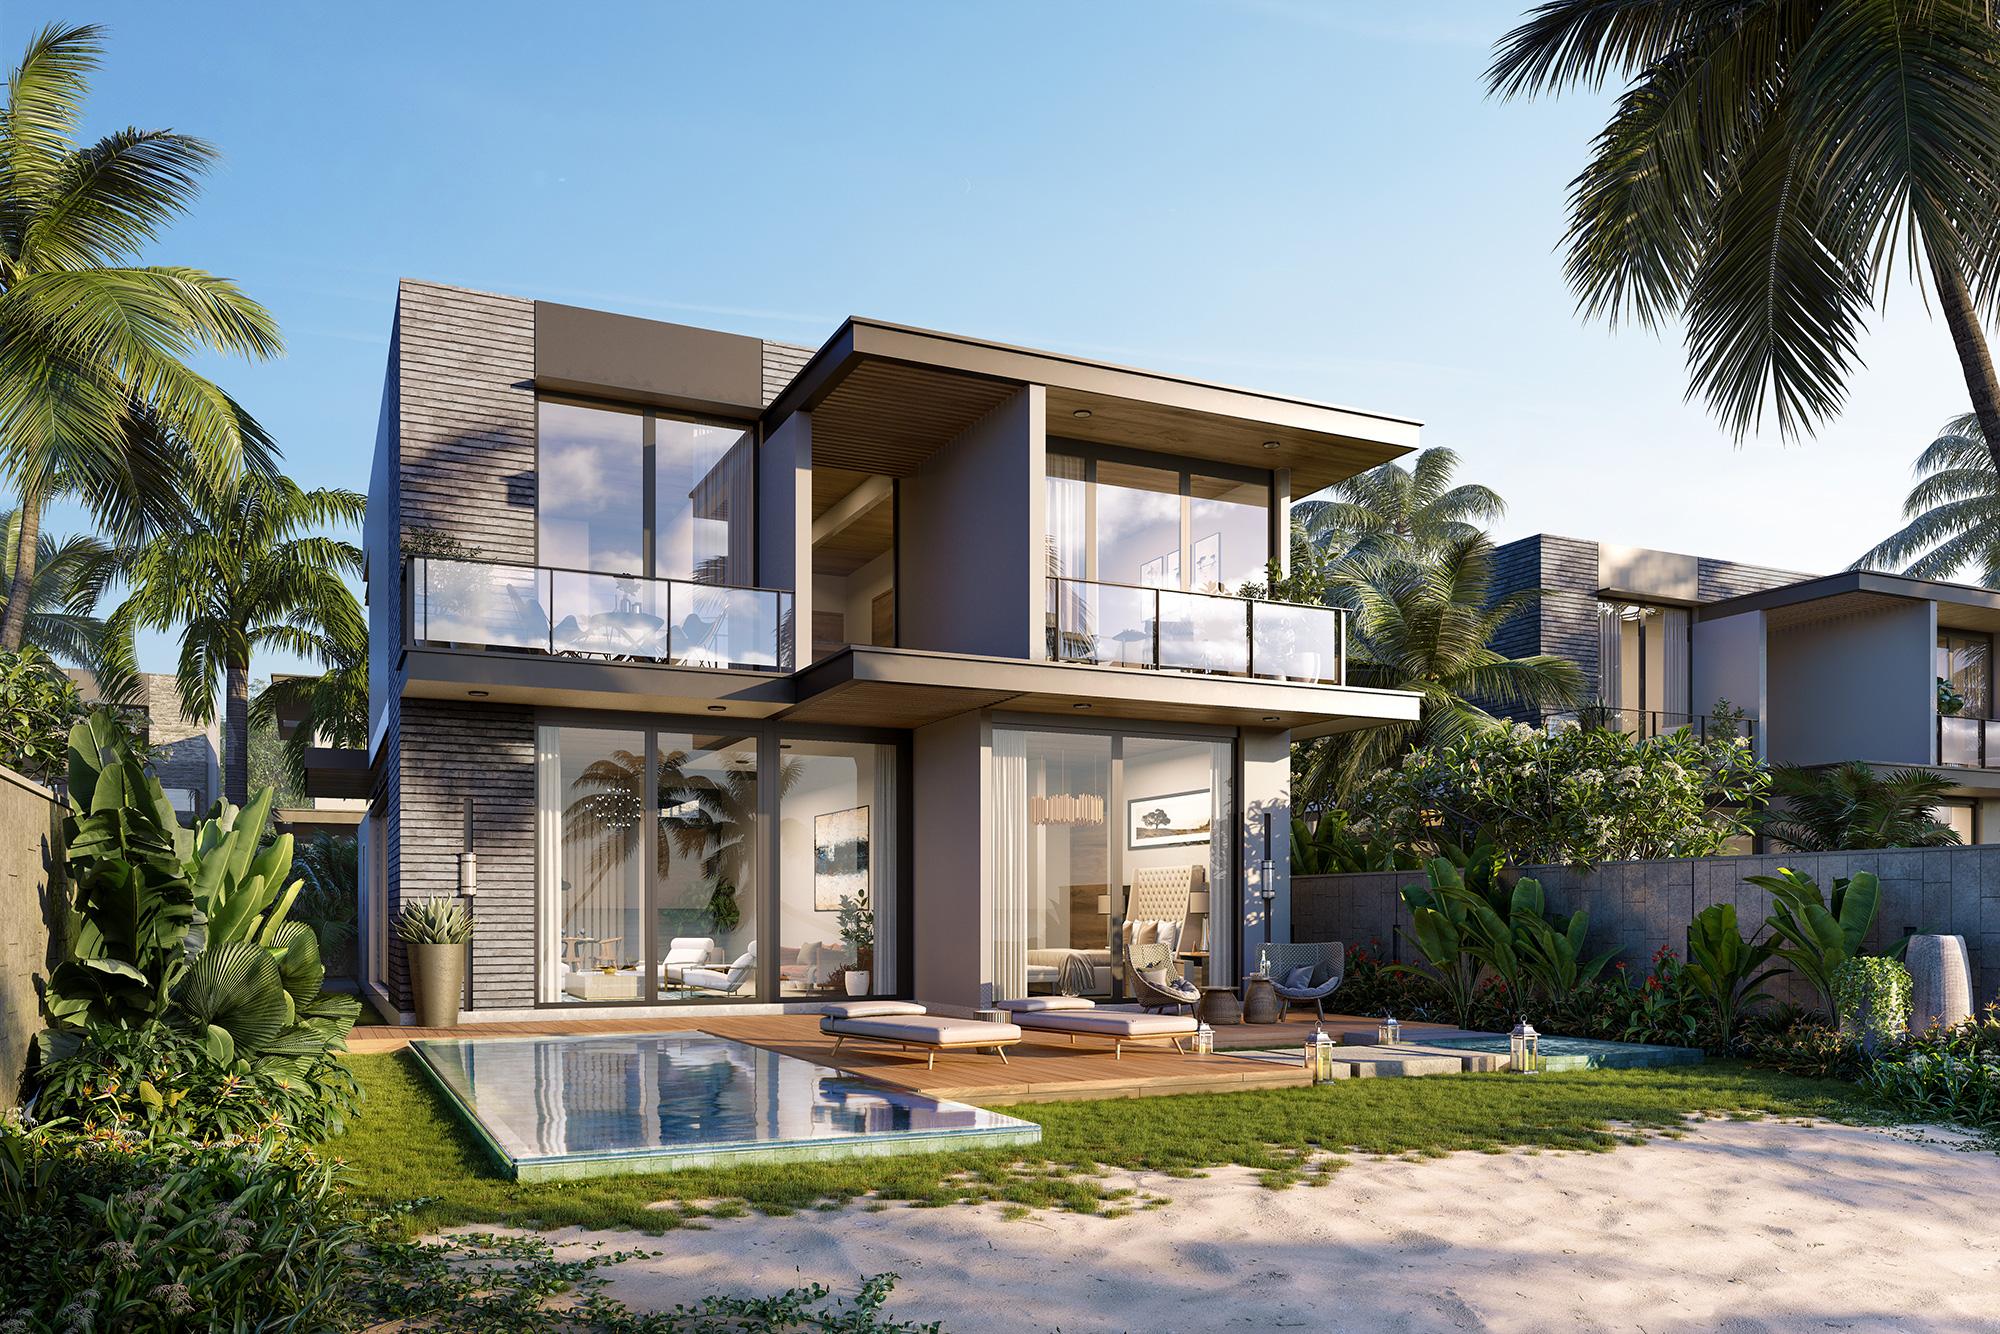 Lối kiến trúc mở giúp đón nắng tự nhiên, tạo cảm giác thoáng đãng. Ảnh: IFF Holdings.